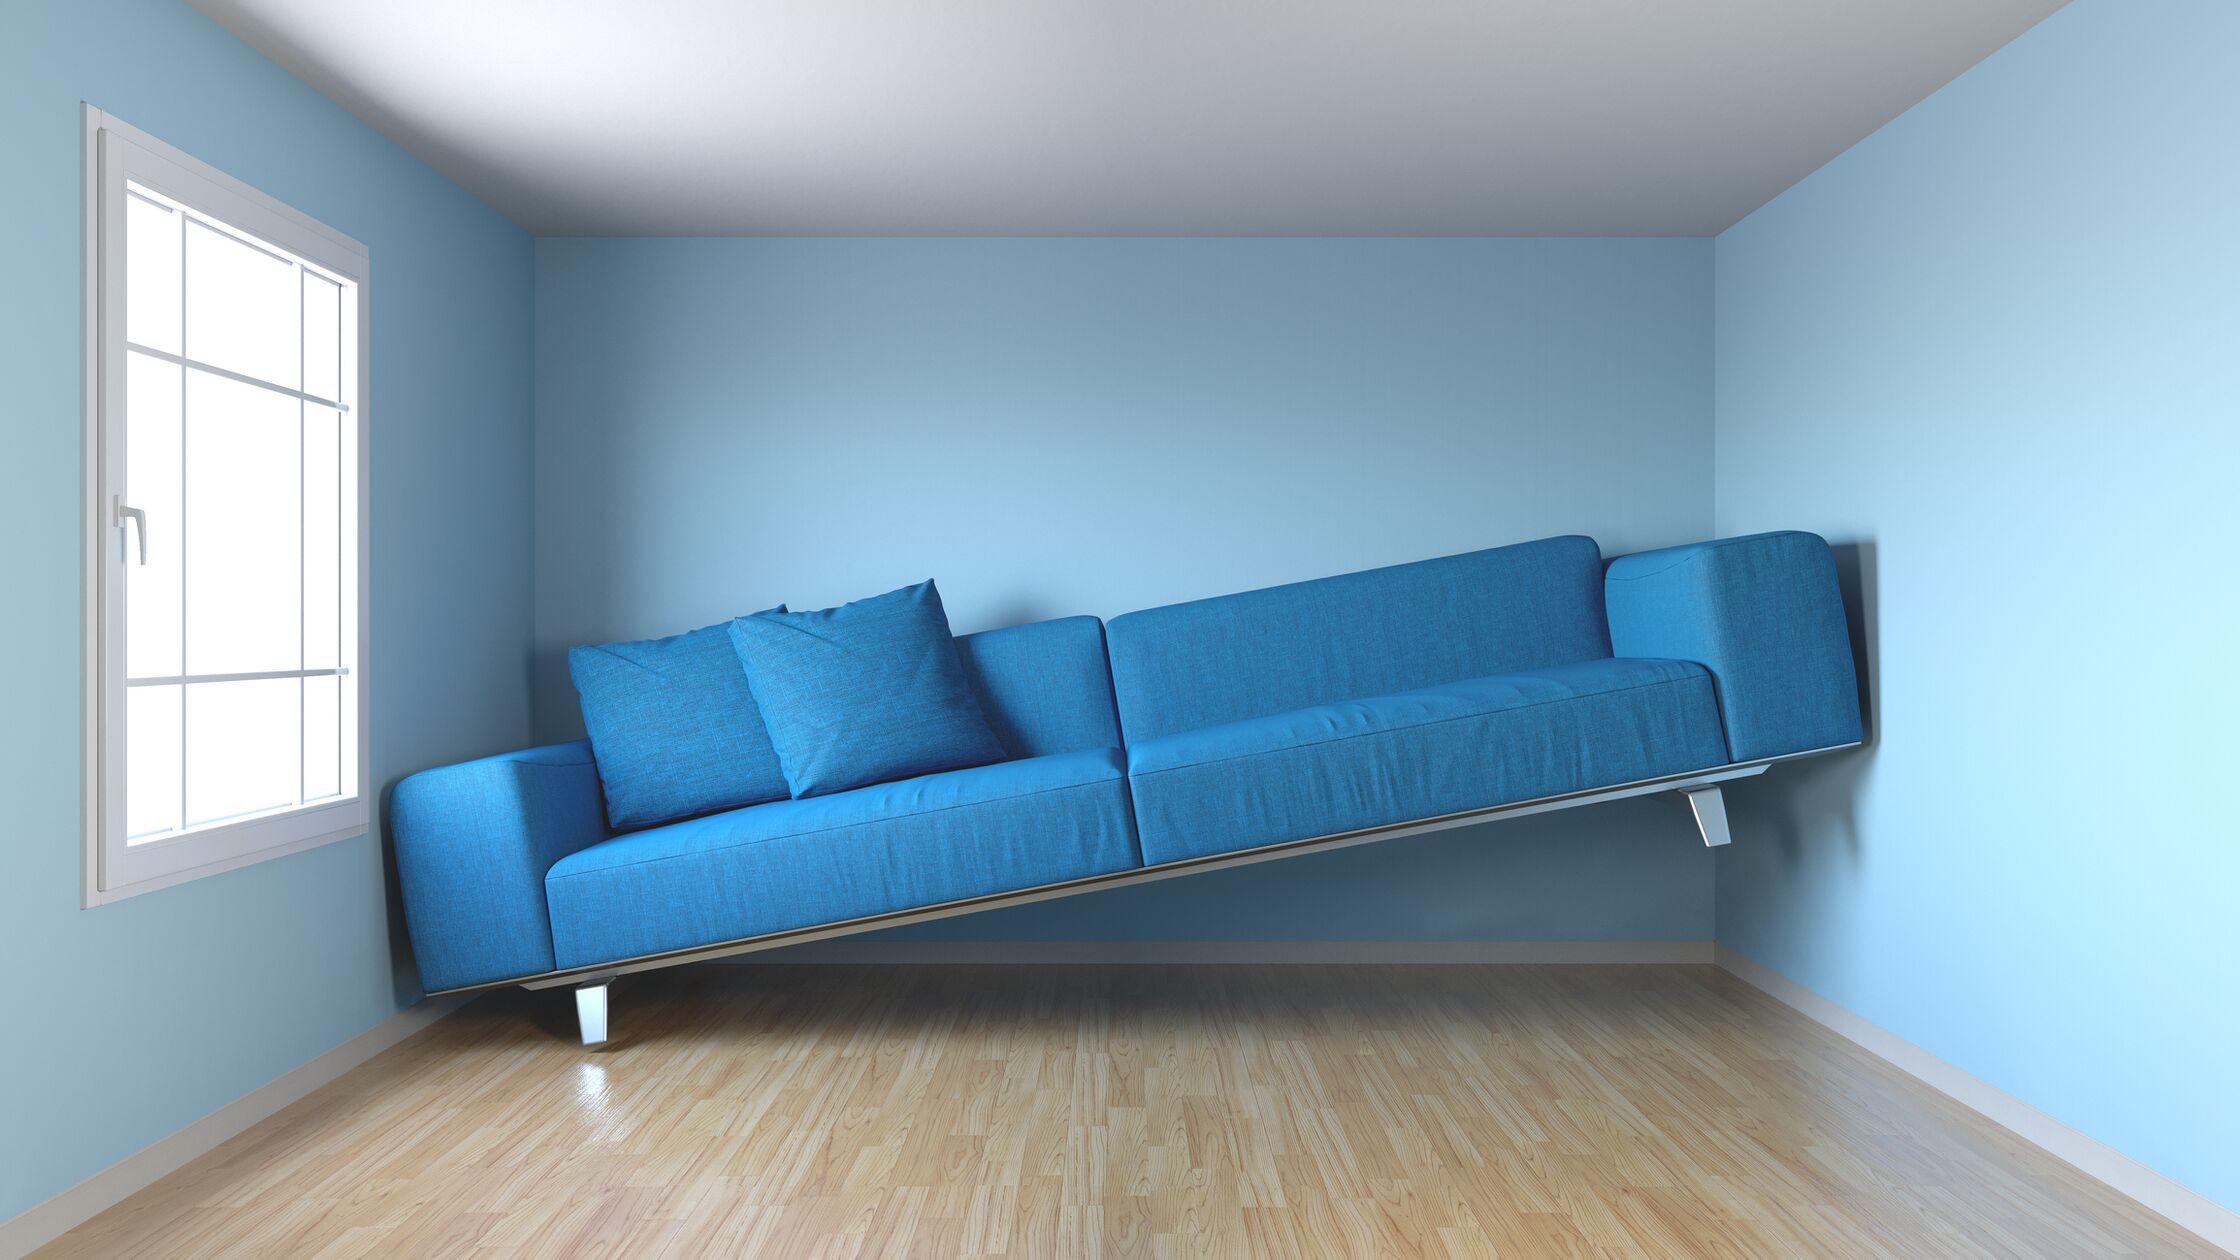 Ein blaues Sofa klemmt mit dem rechten Ende an der Wand, weil es nicht in den Raum passt